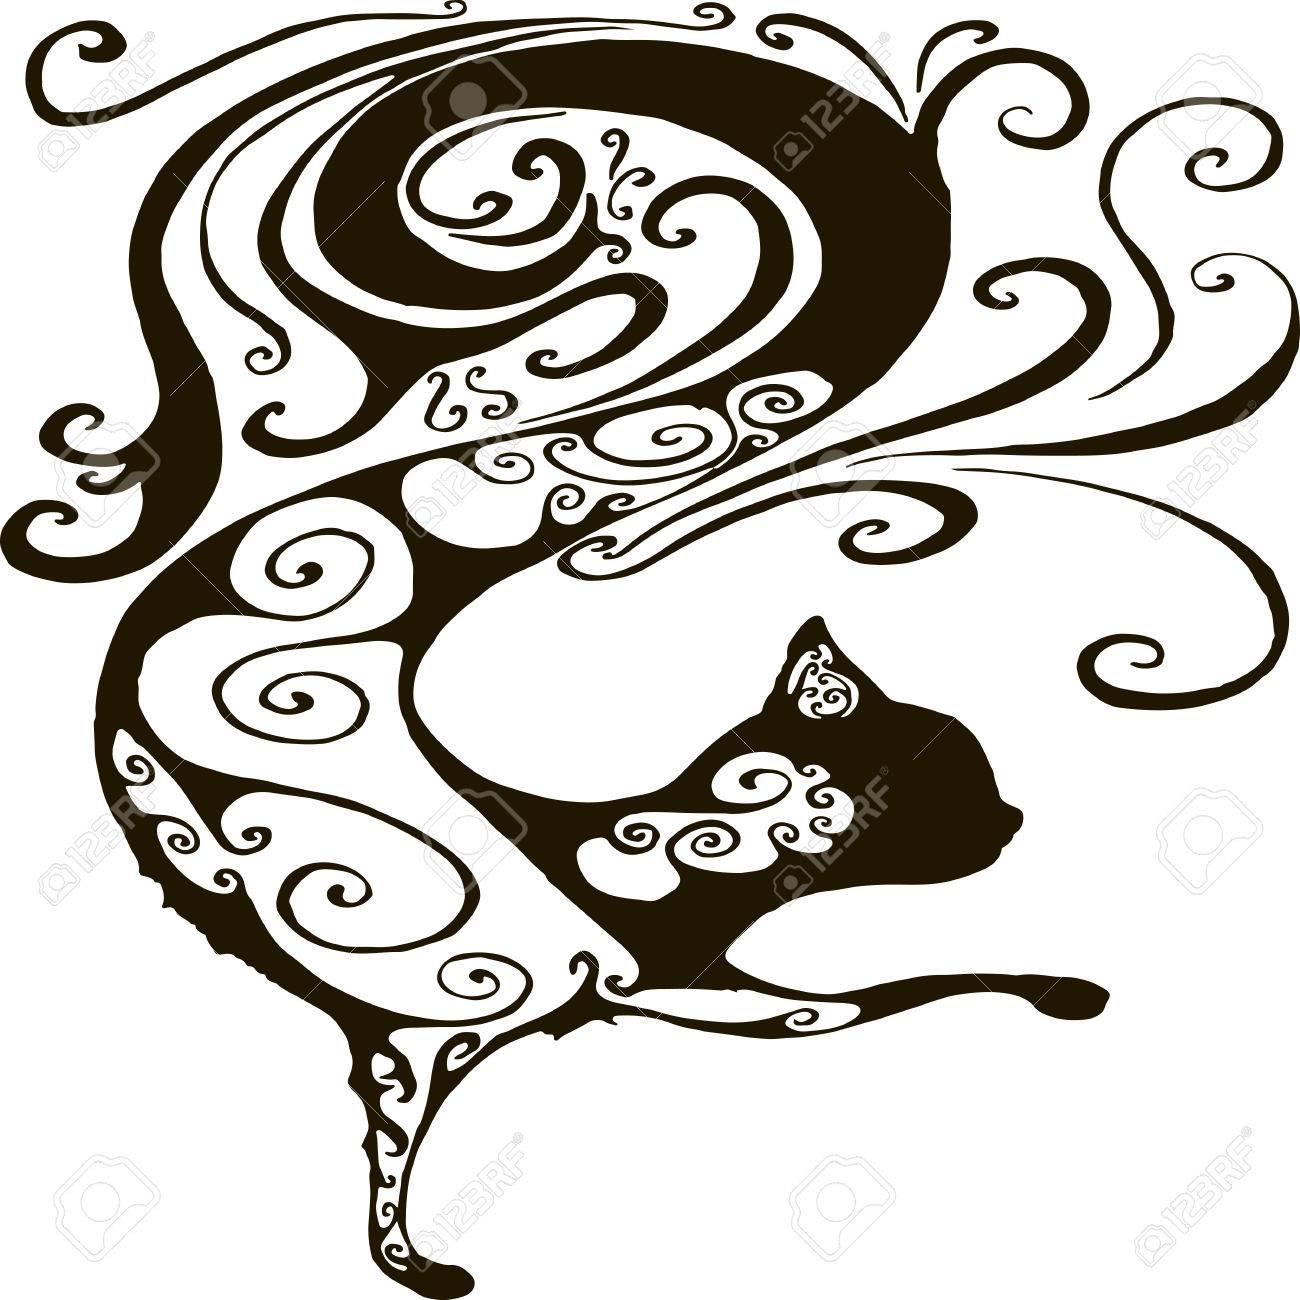 白い背景に分離された猫のベクター イラスト シルエット黒猫の中の